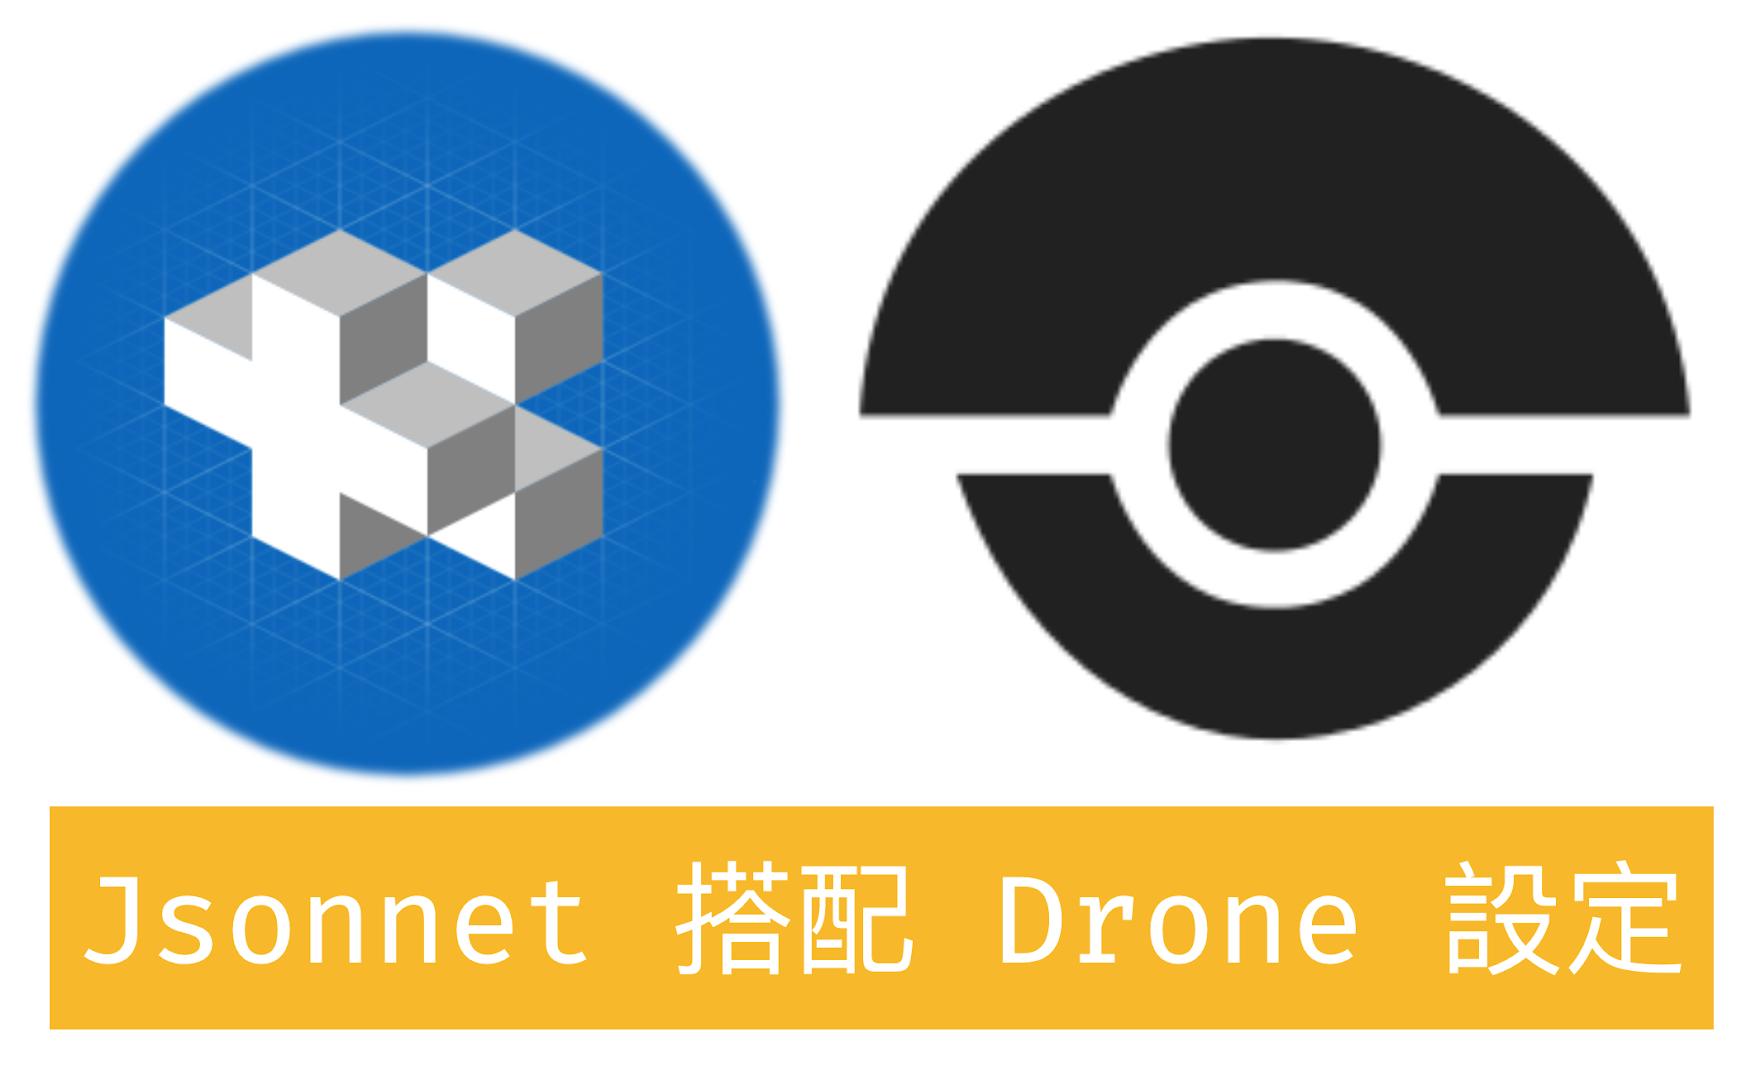 Jsonnet + Drone